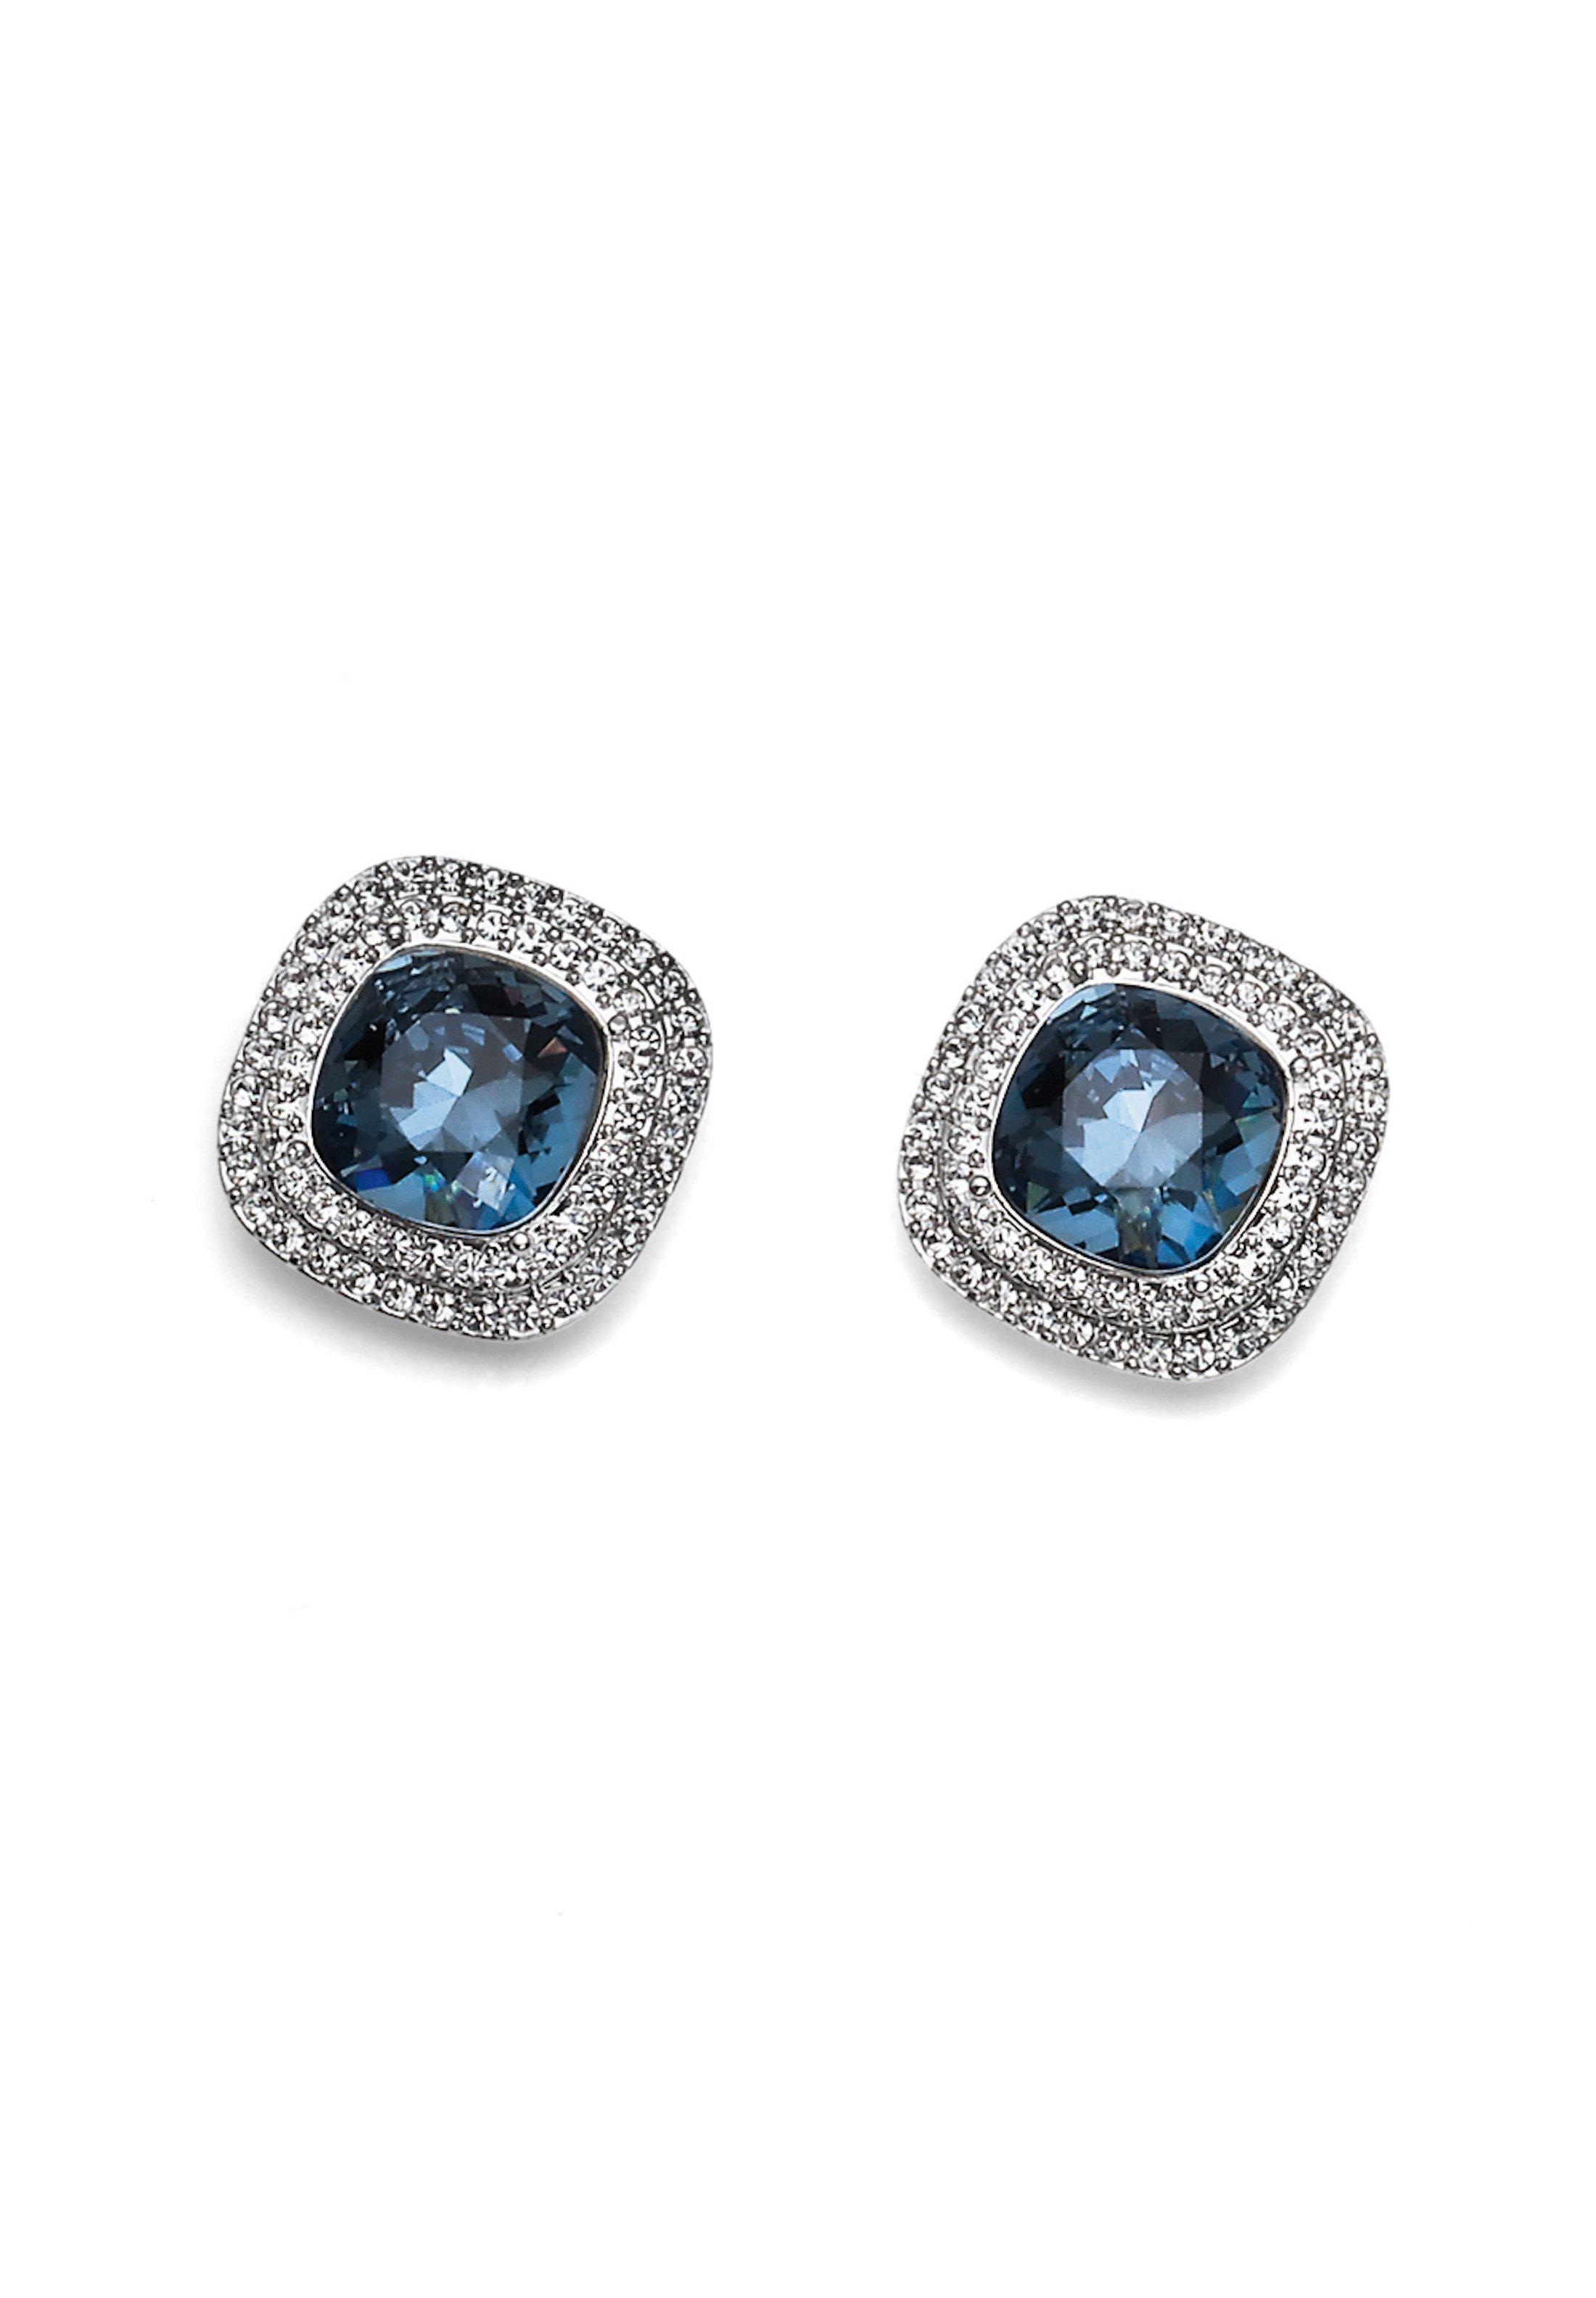 Prix d'usine Meilleurs prix Oliver Weber AUTENTIC - Boucles d'oreilles - blau - ZALANDO.FR uZFjr